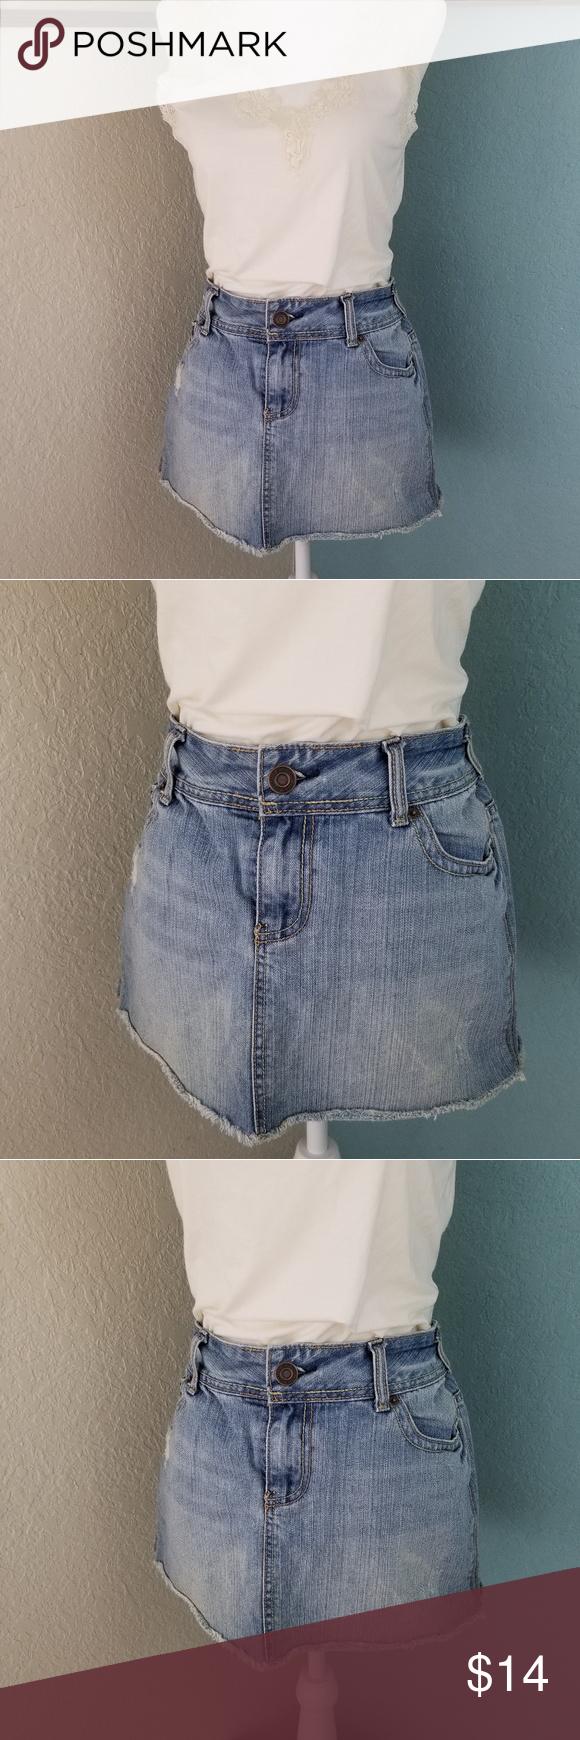 6f922ffa1f Rue 21 Denim Skirt Size 9/10 Rue 21 Denim Skirt 13